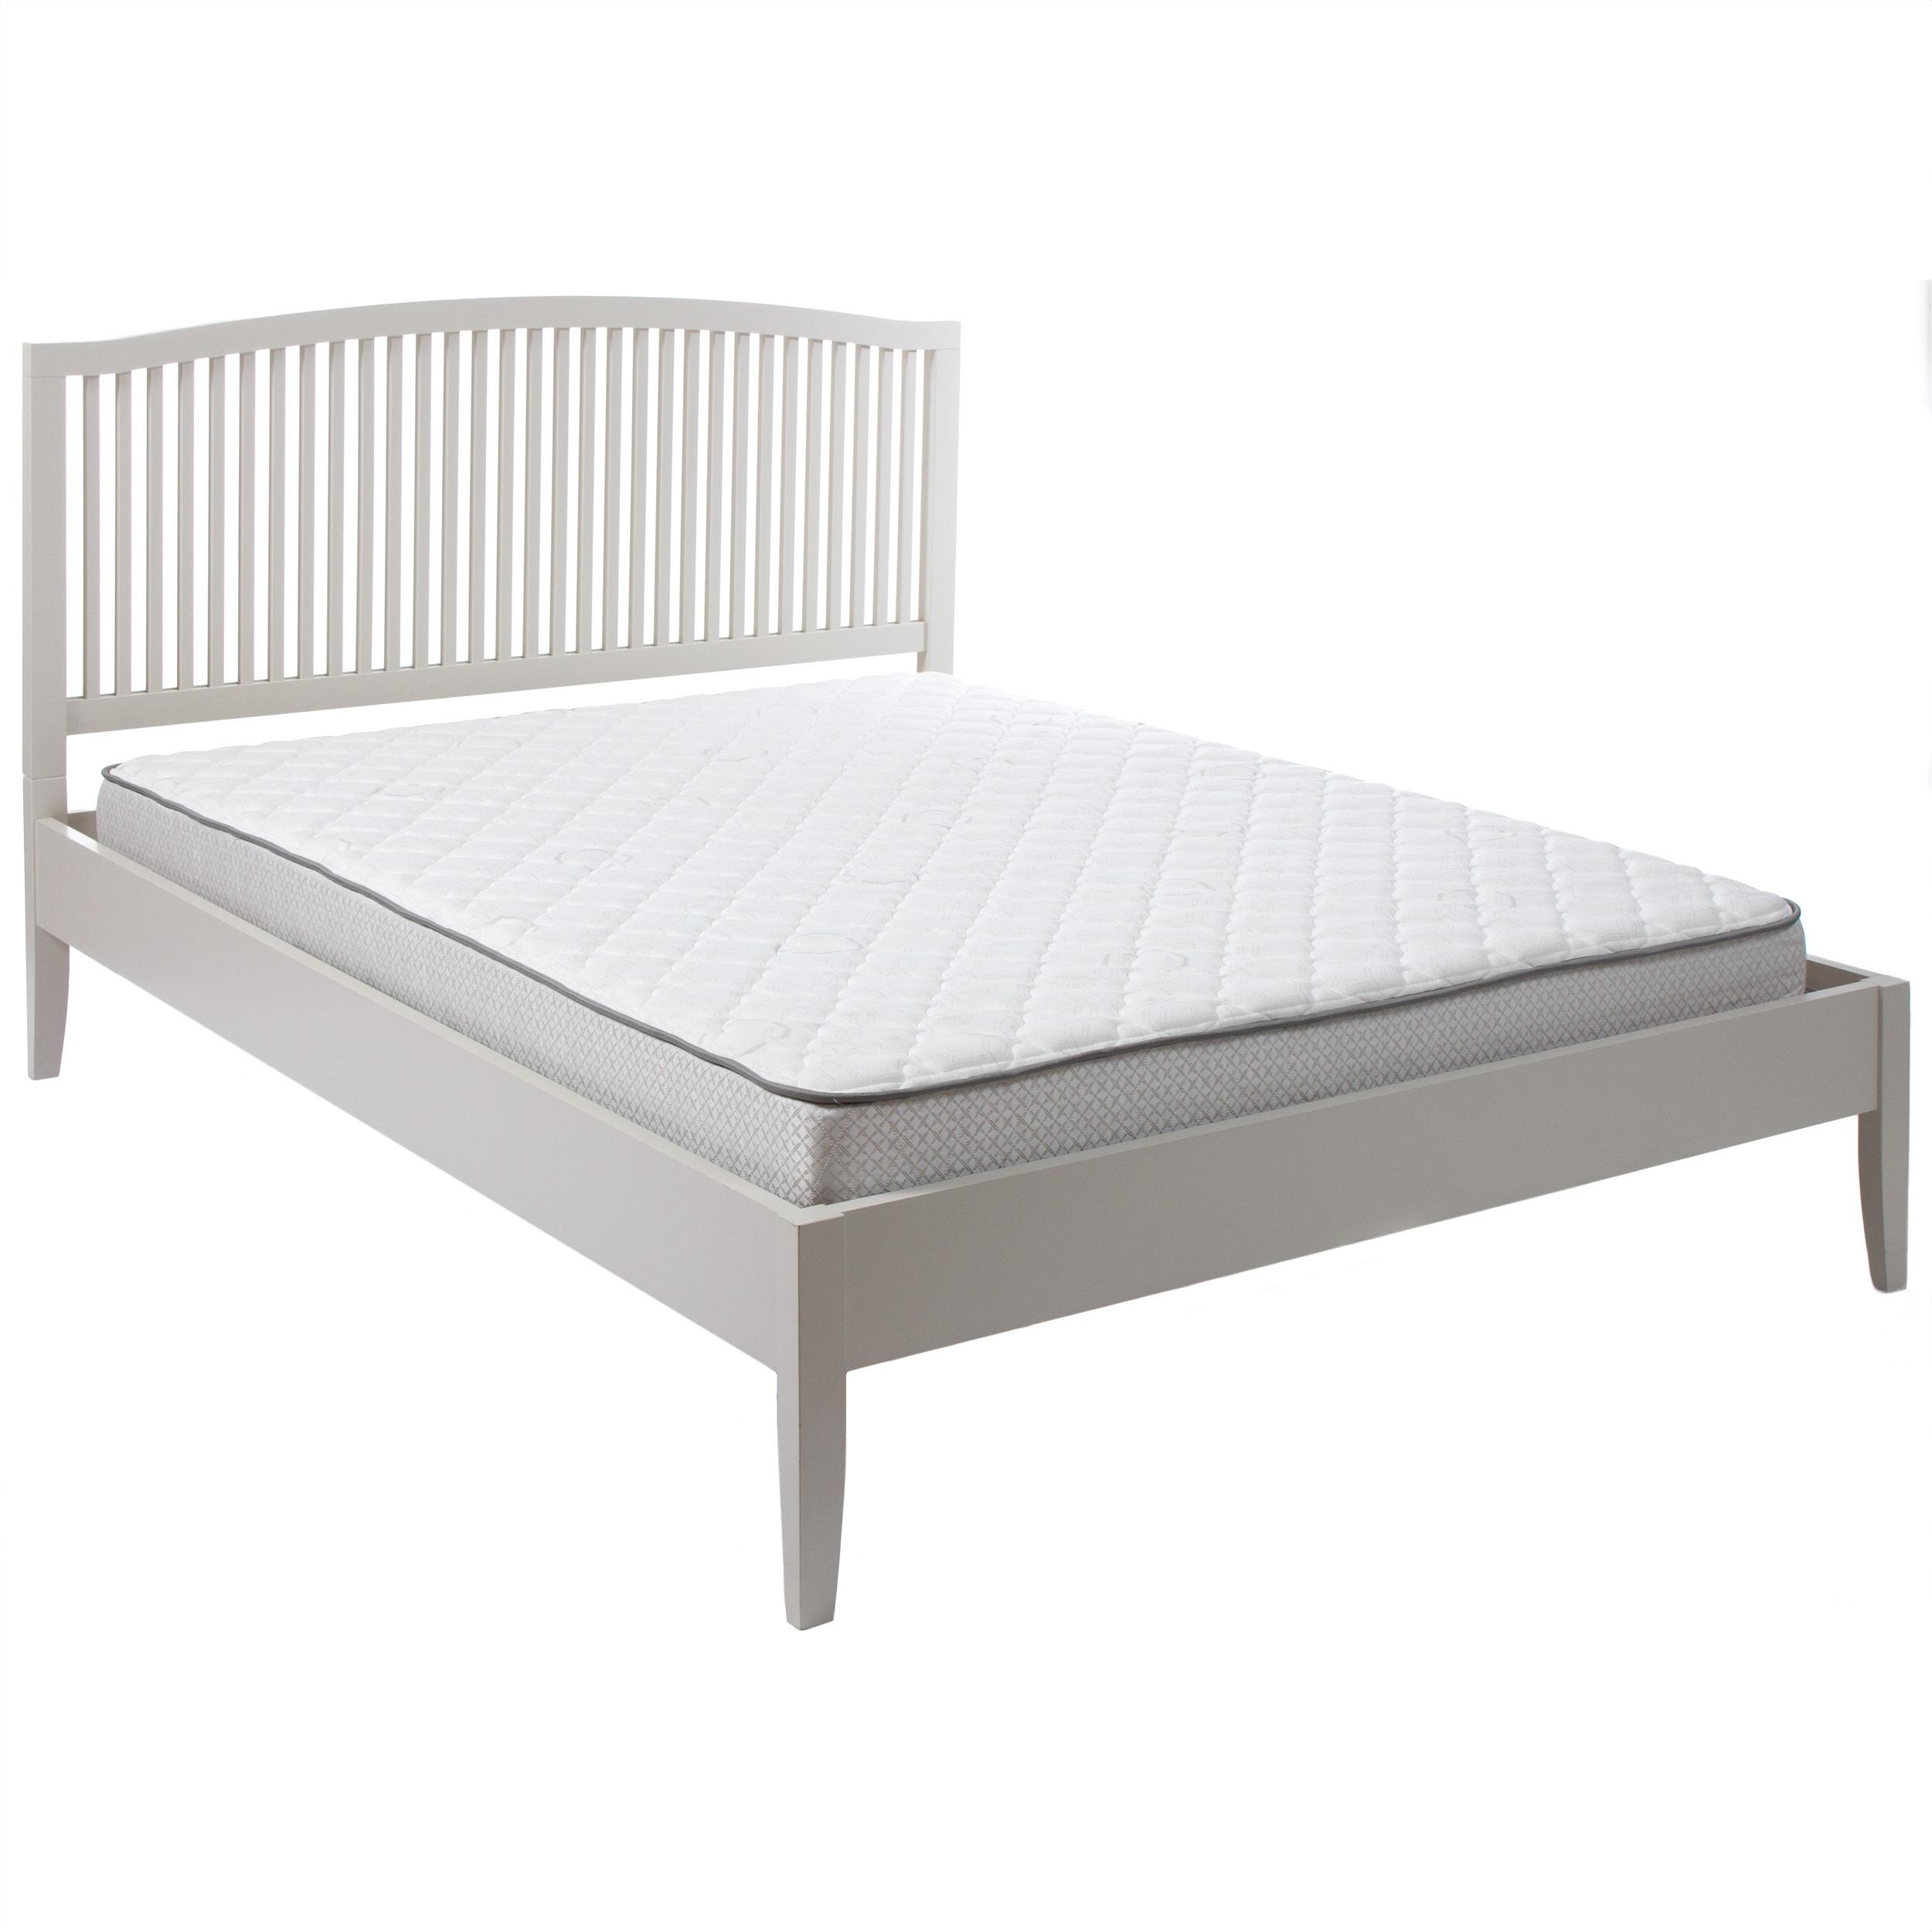 InnerSpace Sleep Luxury Flippable 6 inch Twin size Foam Mattress